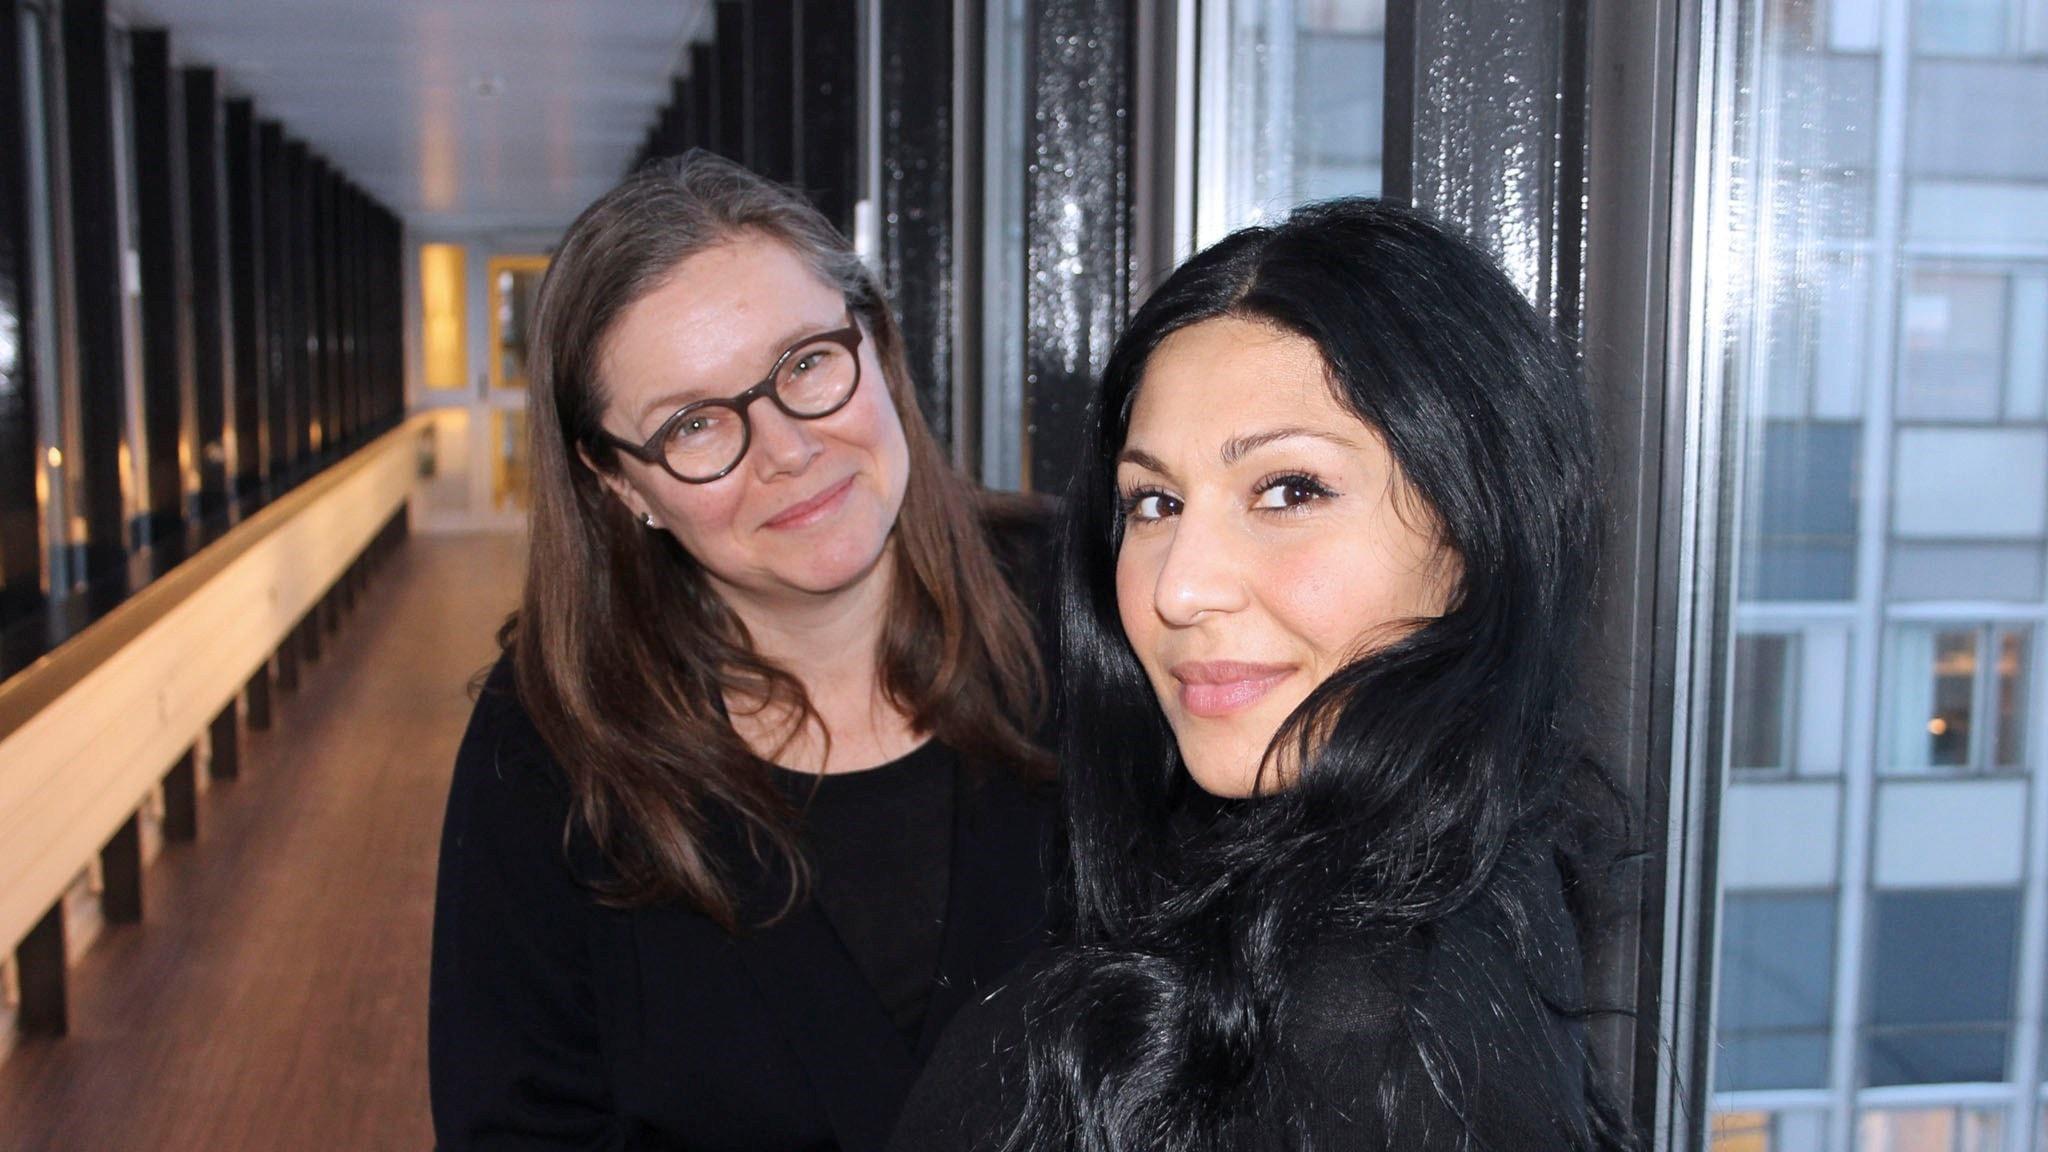 Bahar Pars om rasifiering och feminism och varför skådespelaryrket är större än livet